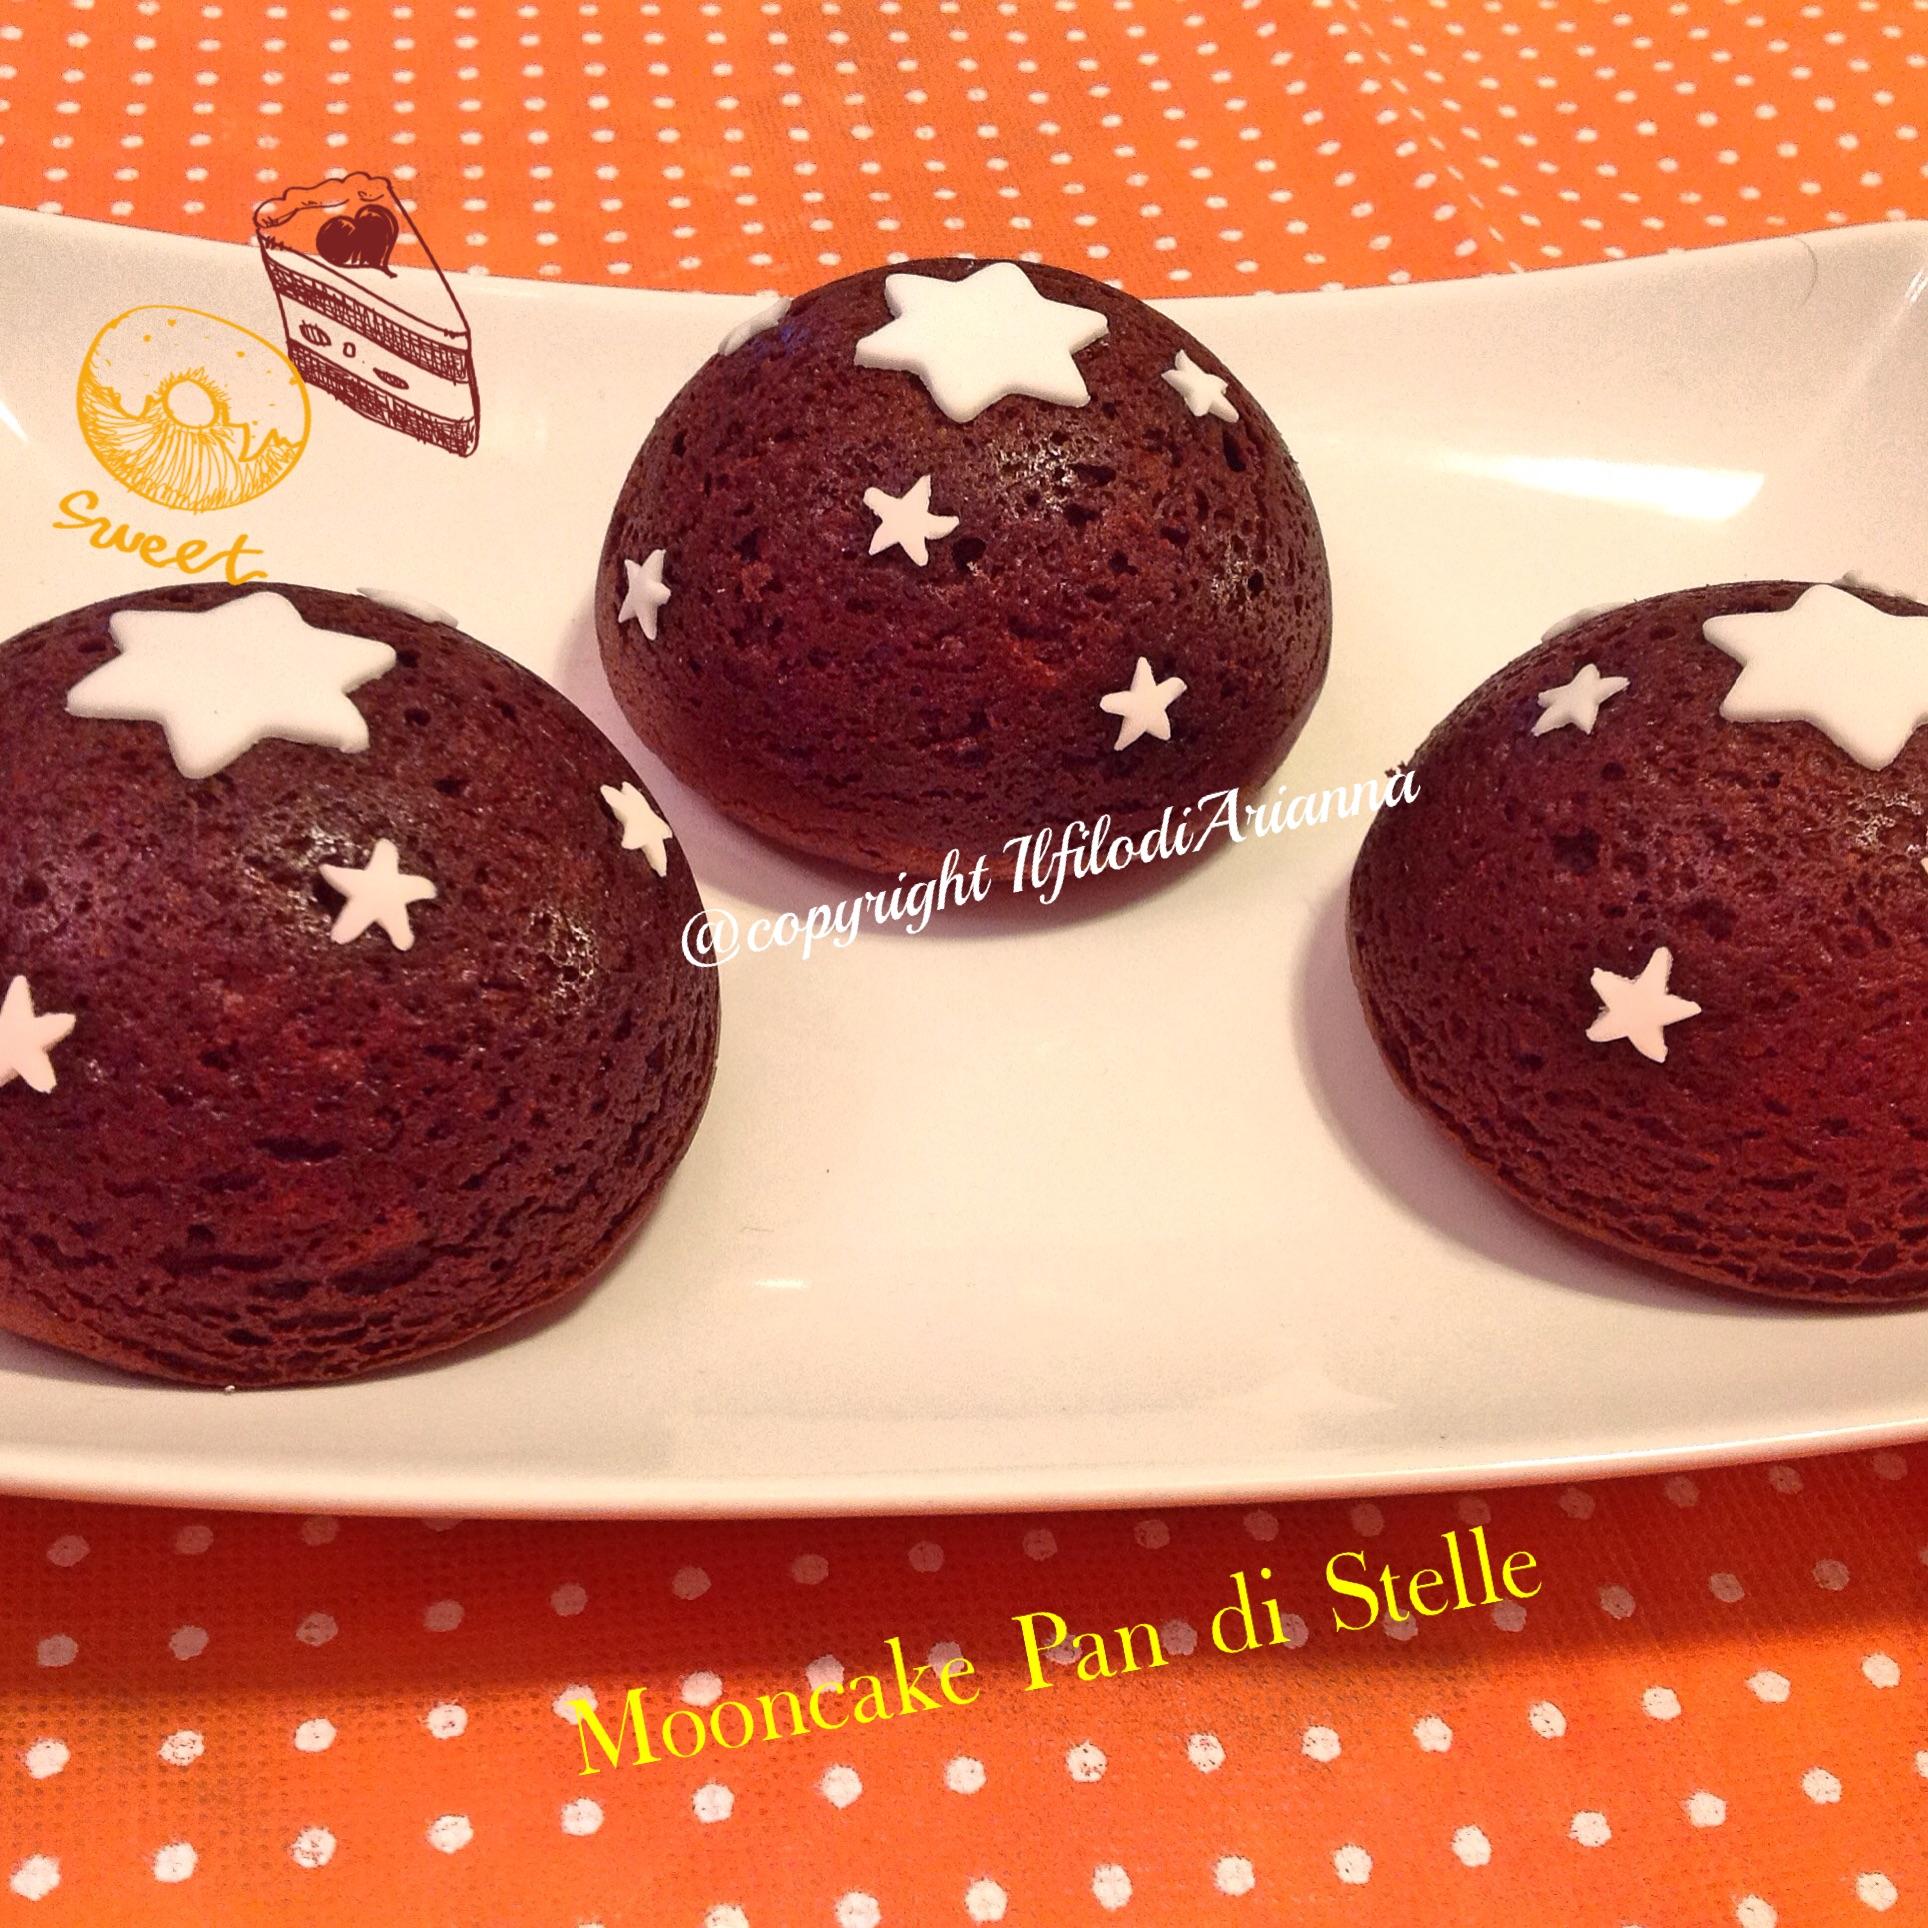 Mooncake Pan di Stelle